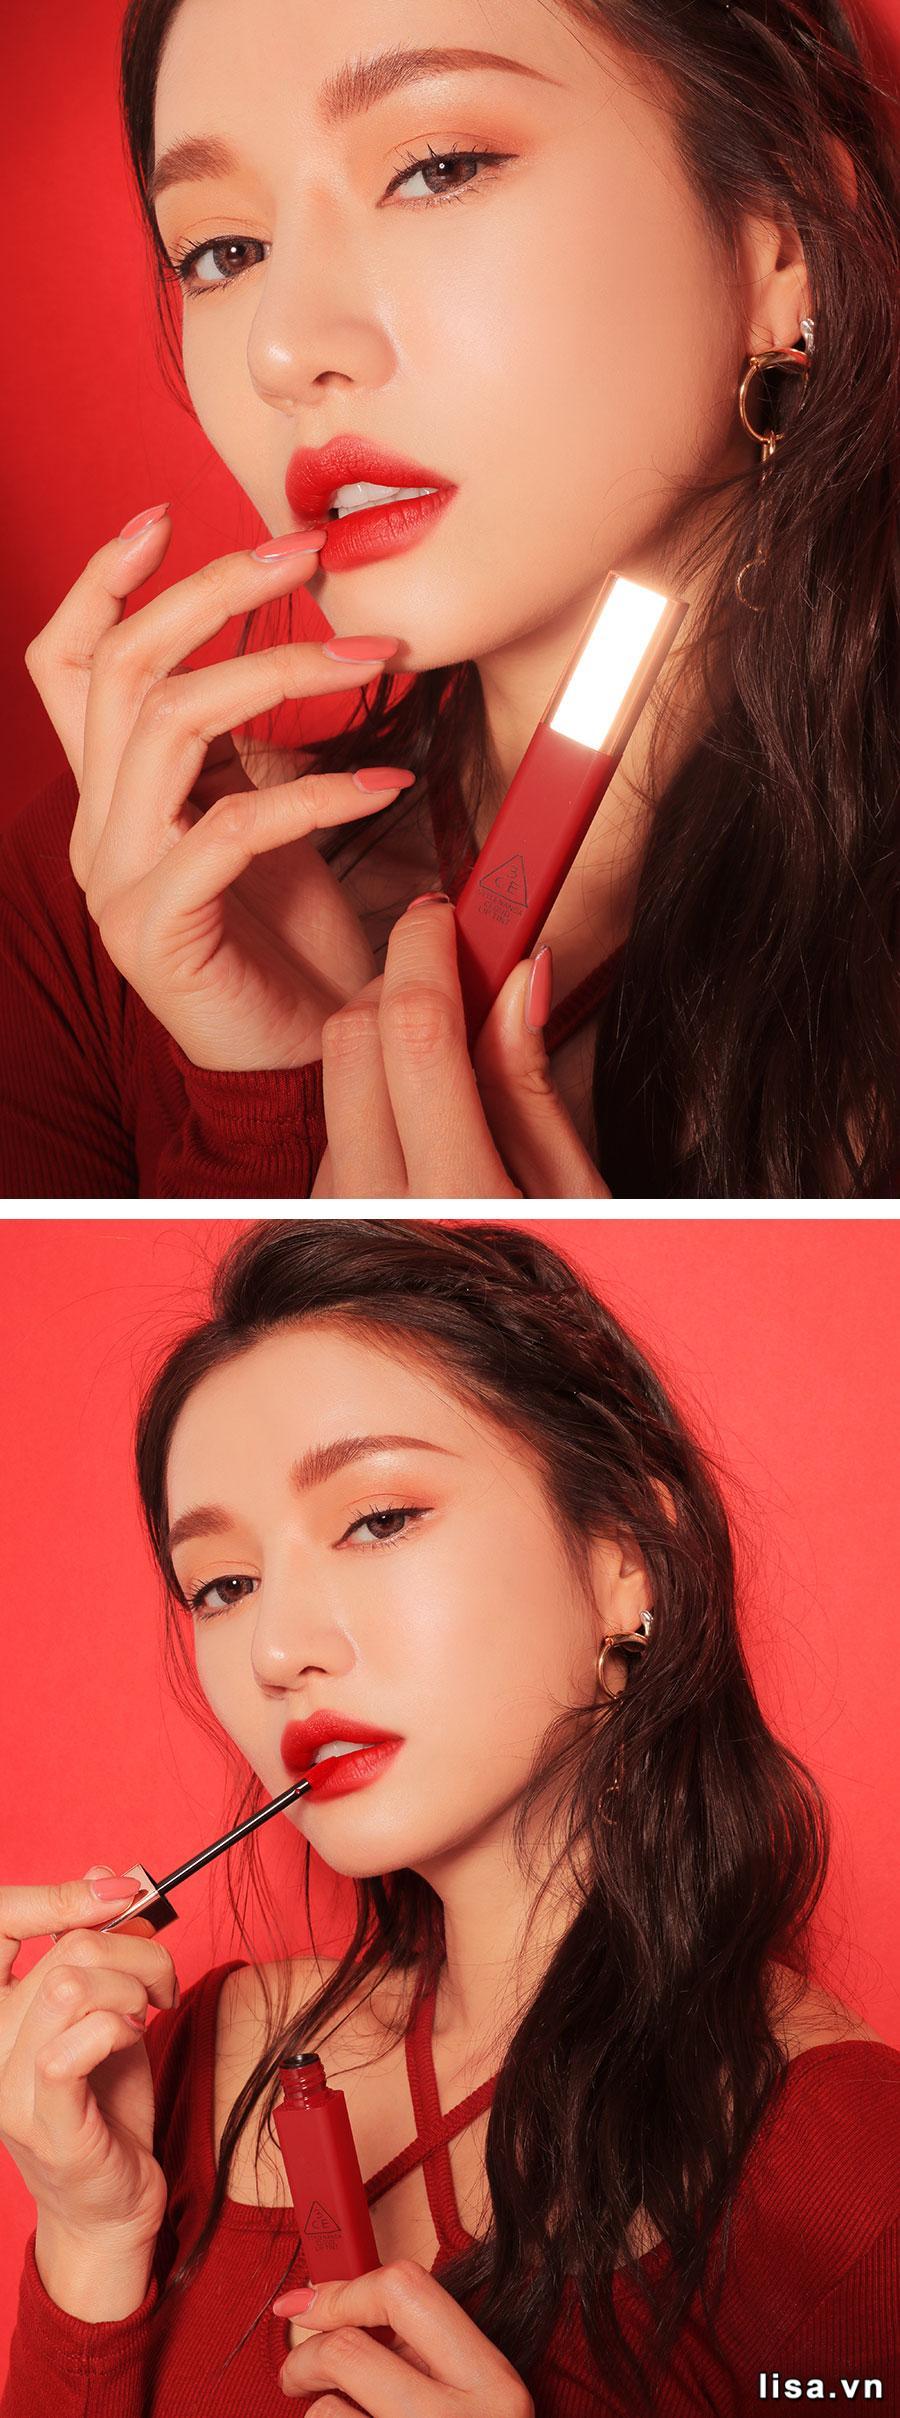 3CE Cloud Lip Tint Macaron Red ngoại hình đơn giản nhưng tinh tế